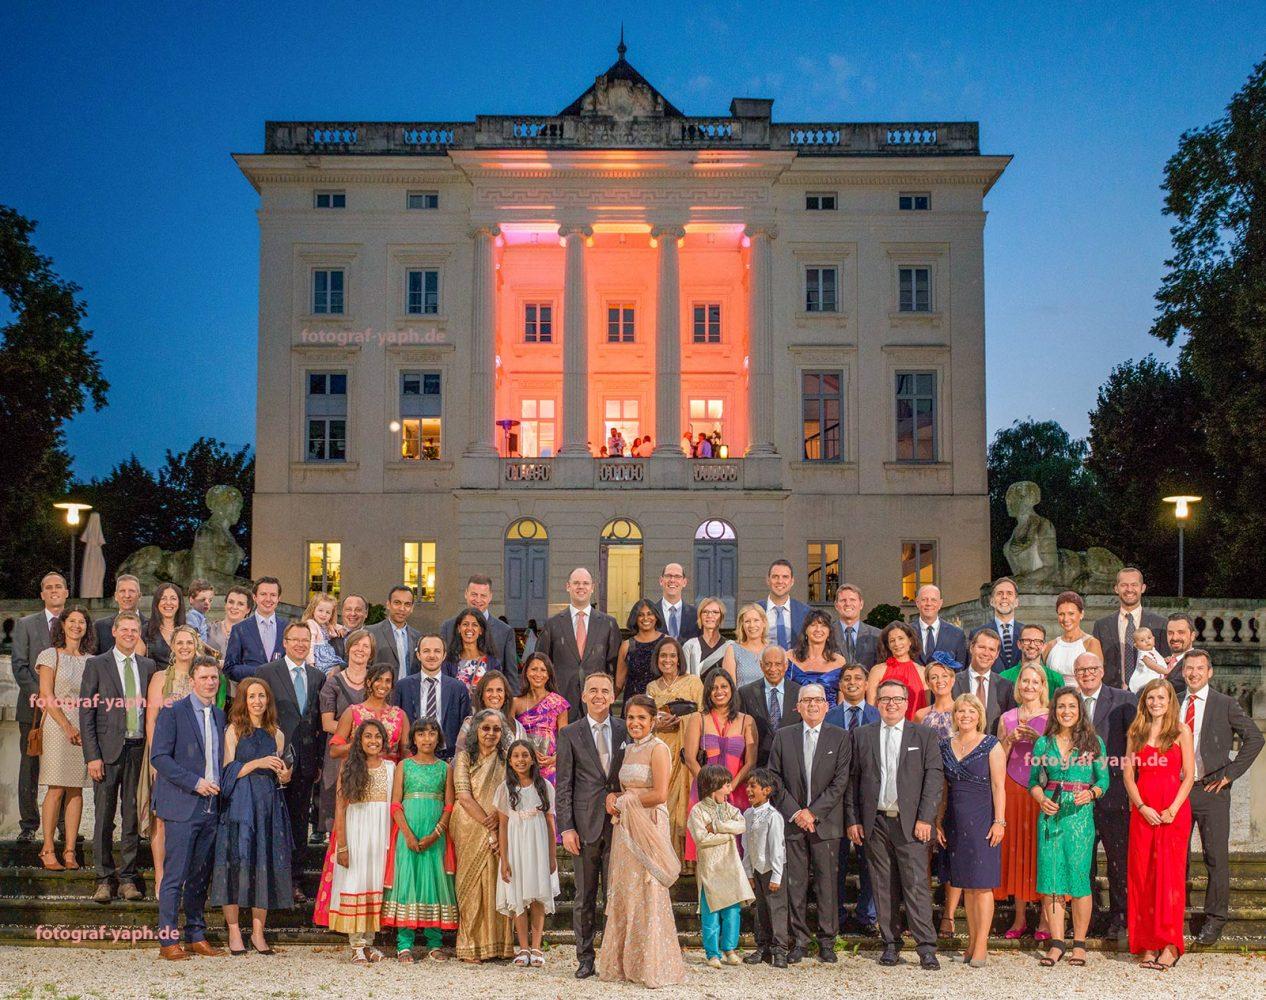 Fotograf für Hochzeiten Yaph präsentiert hier ein Gruppenfoto mit dem Brautpaar und der Hochzeitsgesellschaft vor dem Schloss Monaise in Trier.